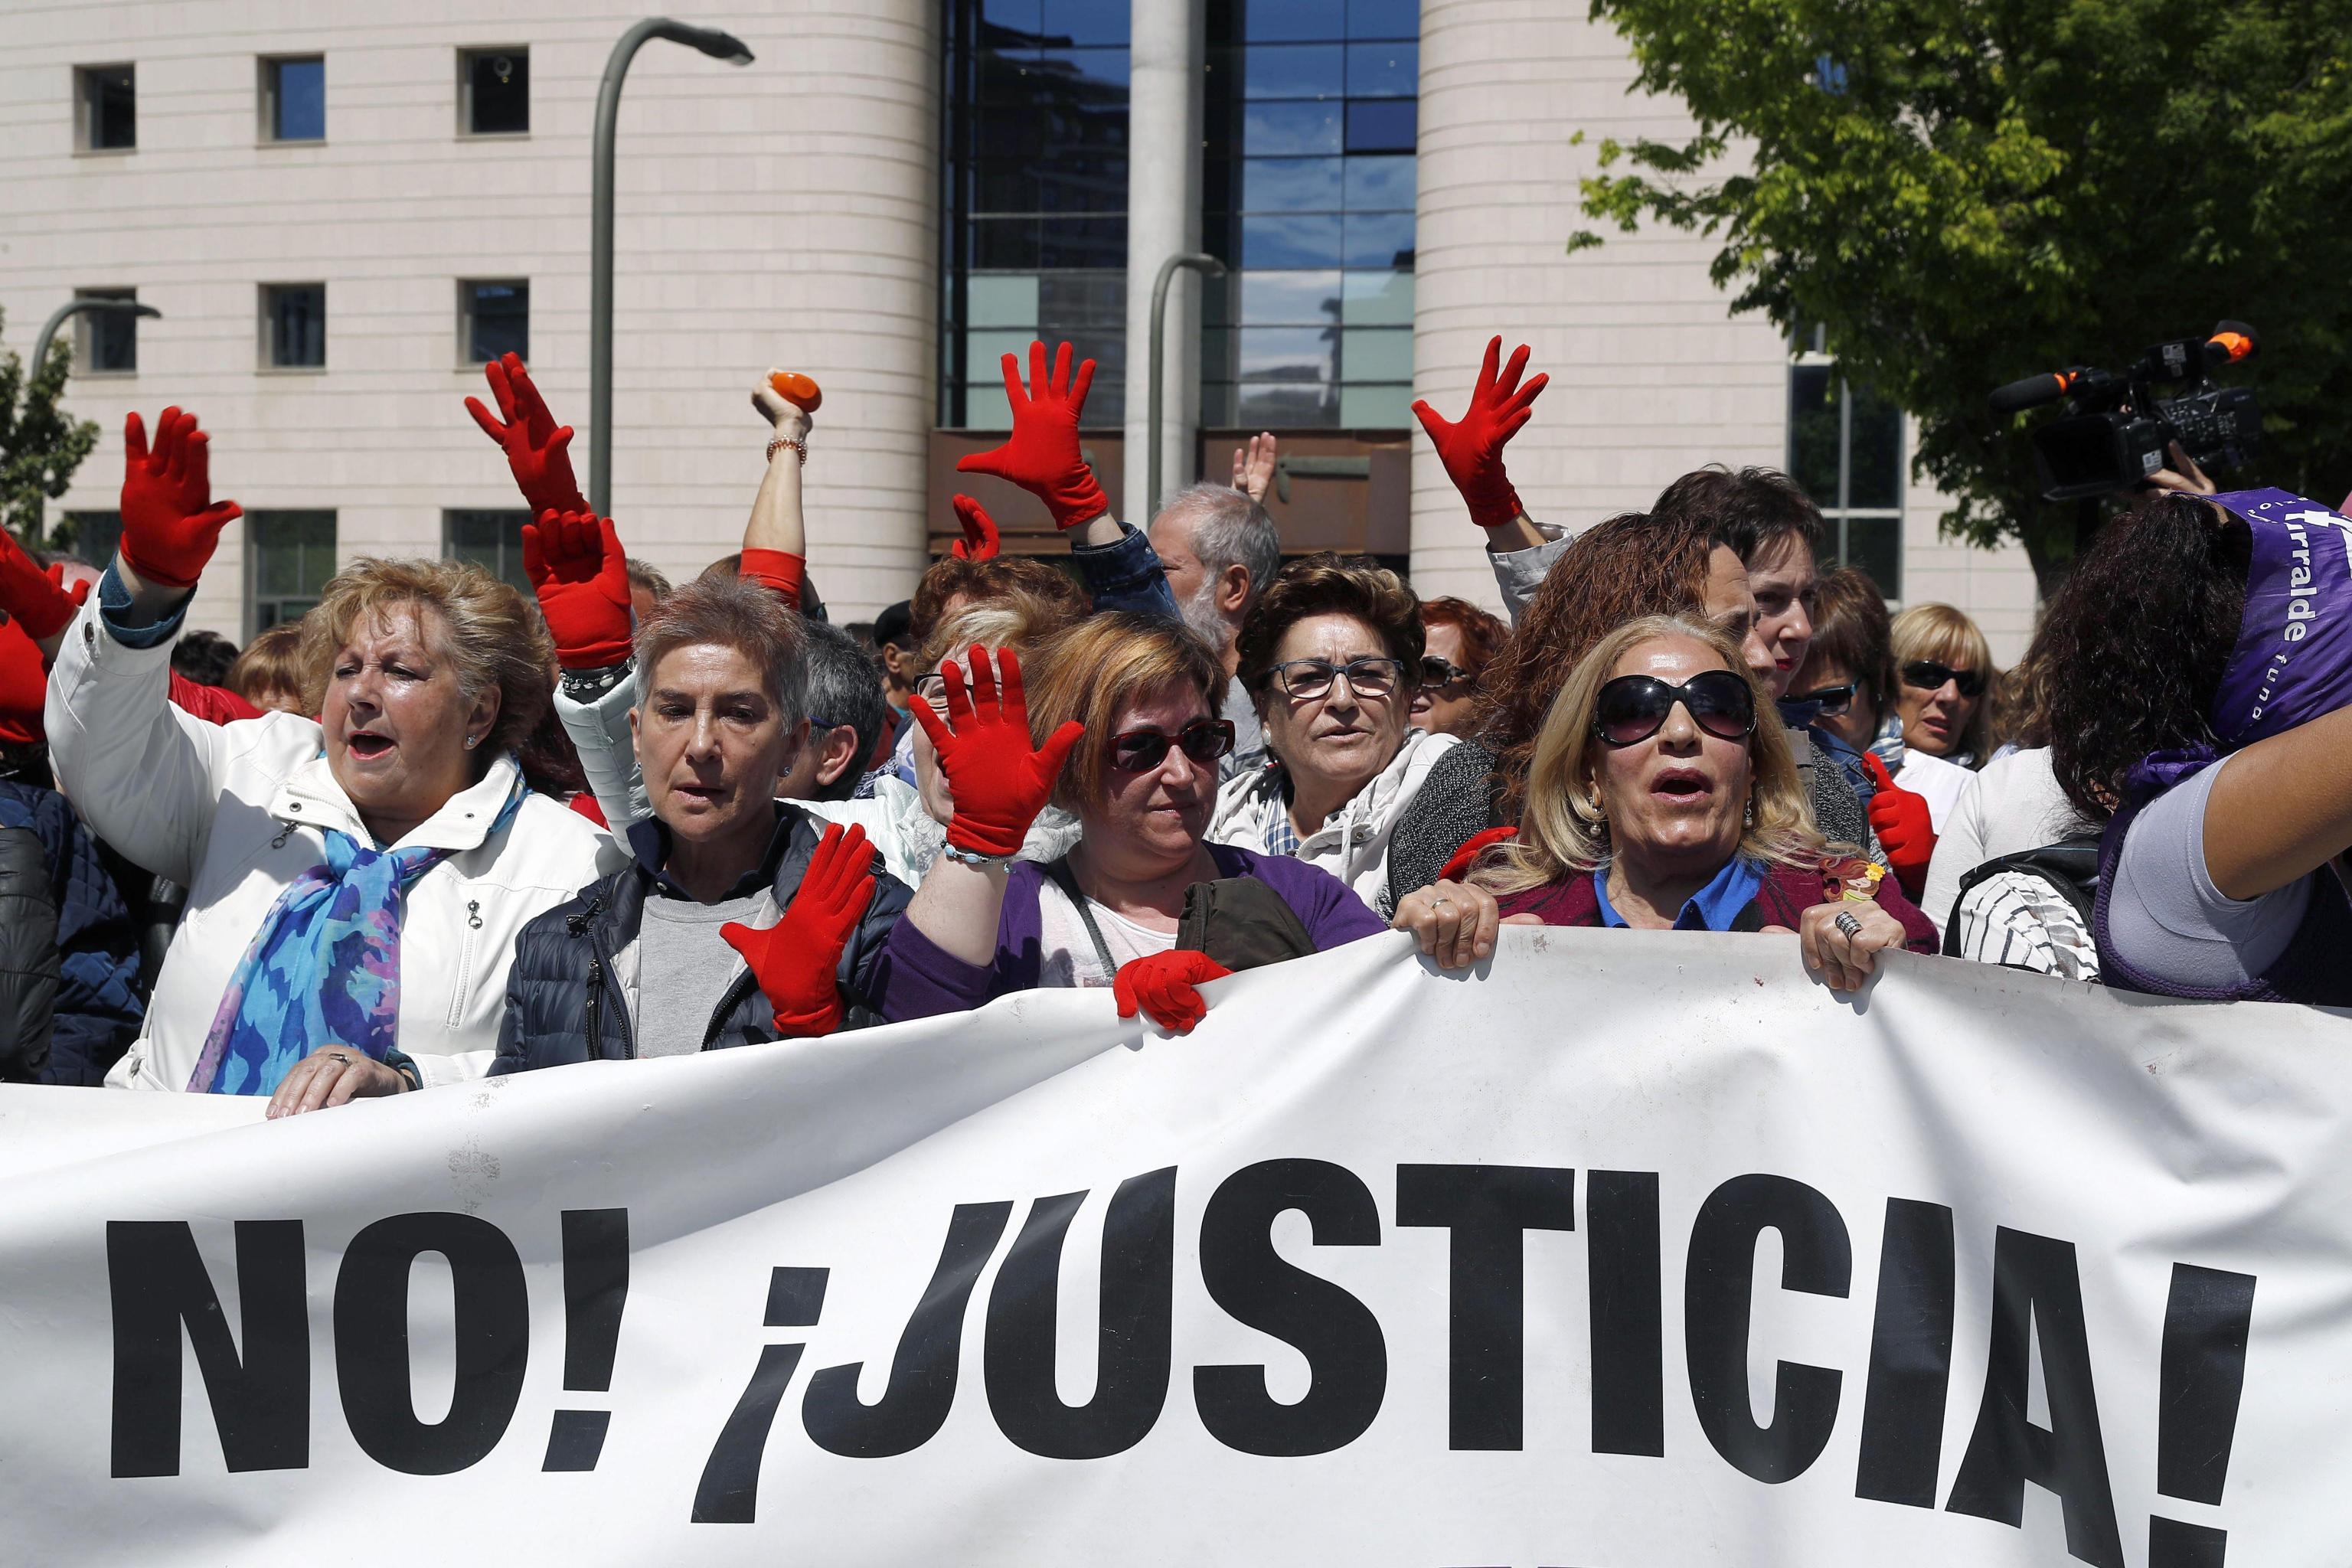 Spagna: stuprarono 18enne a San Firmino, branco in libertà provvisoria dietro cauzione di 6mila euro